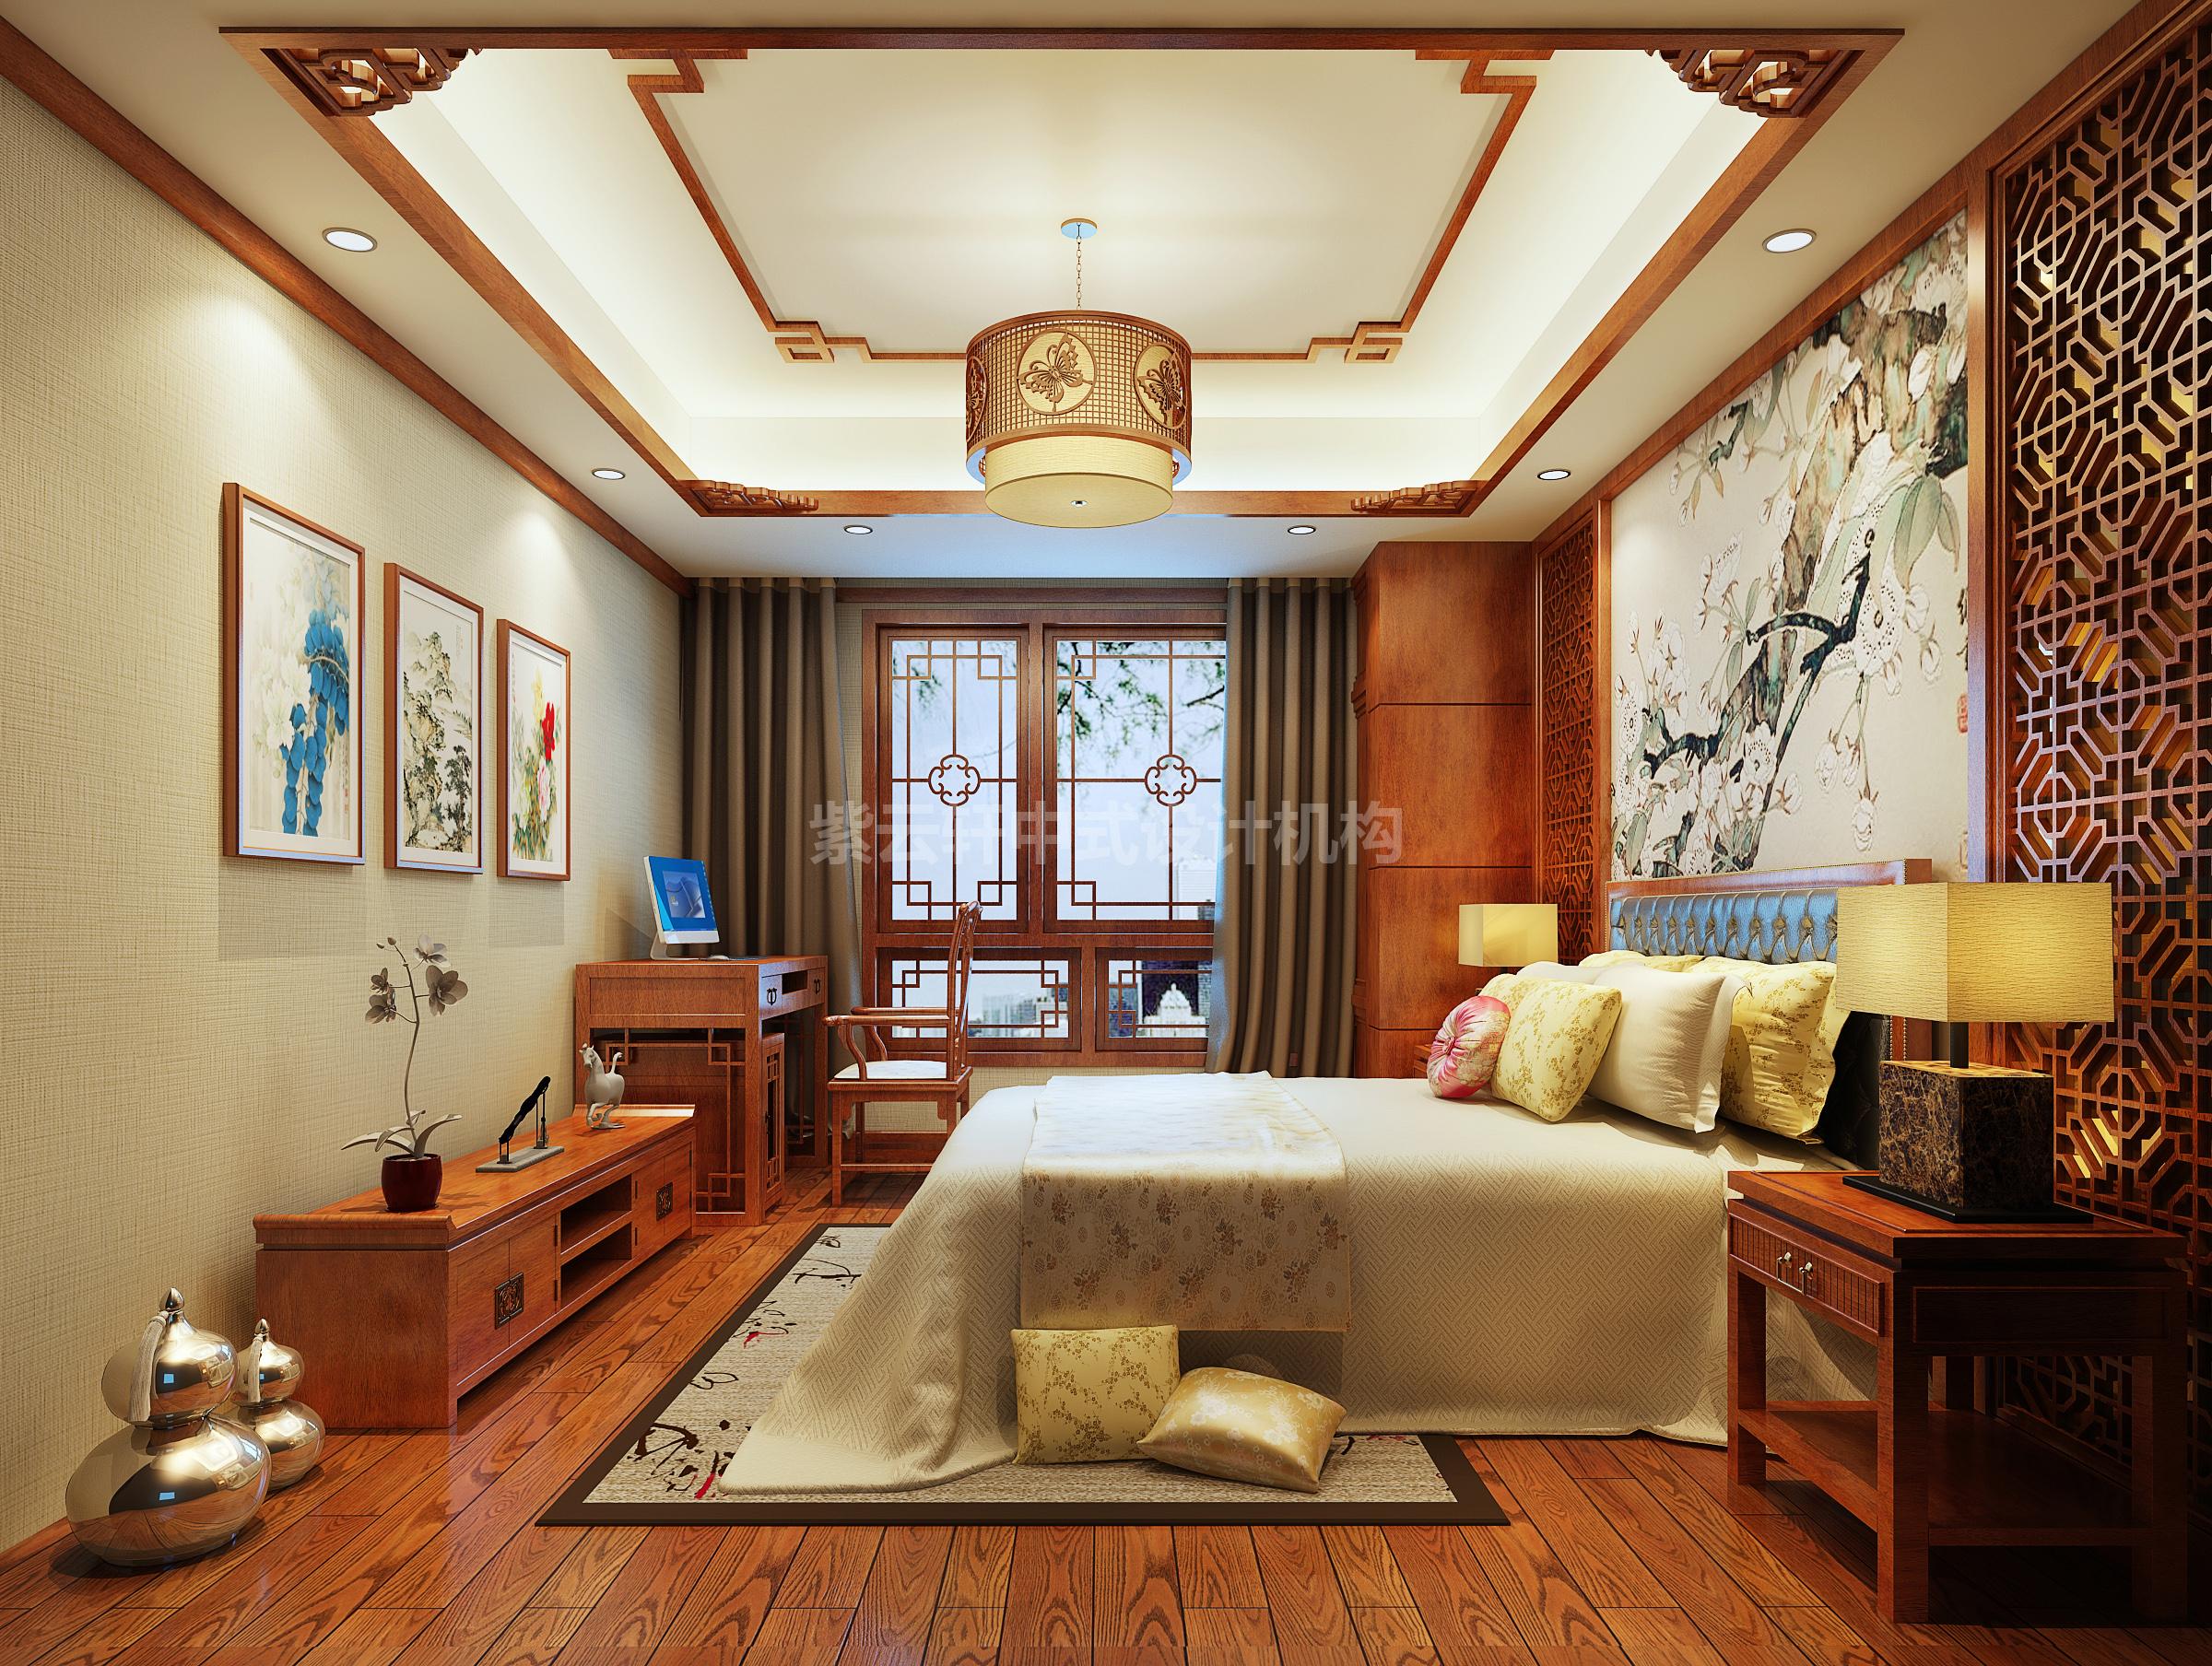 别墅 中式装修 古典中式 卧室图片来自紫云轩中式装修在青山绿水引诗赋,古木沉香牵画魂的分享